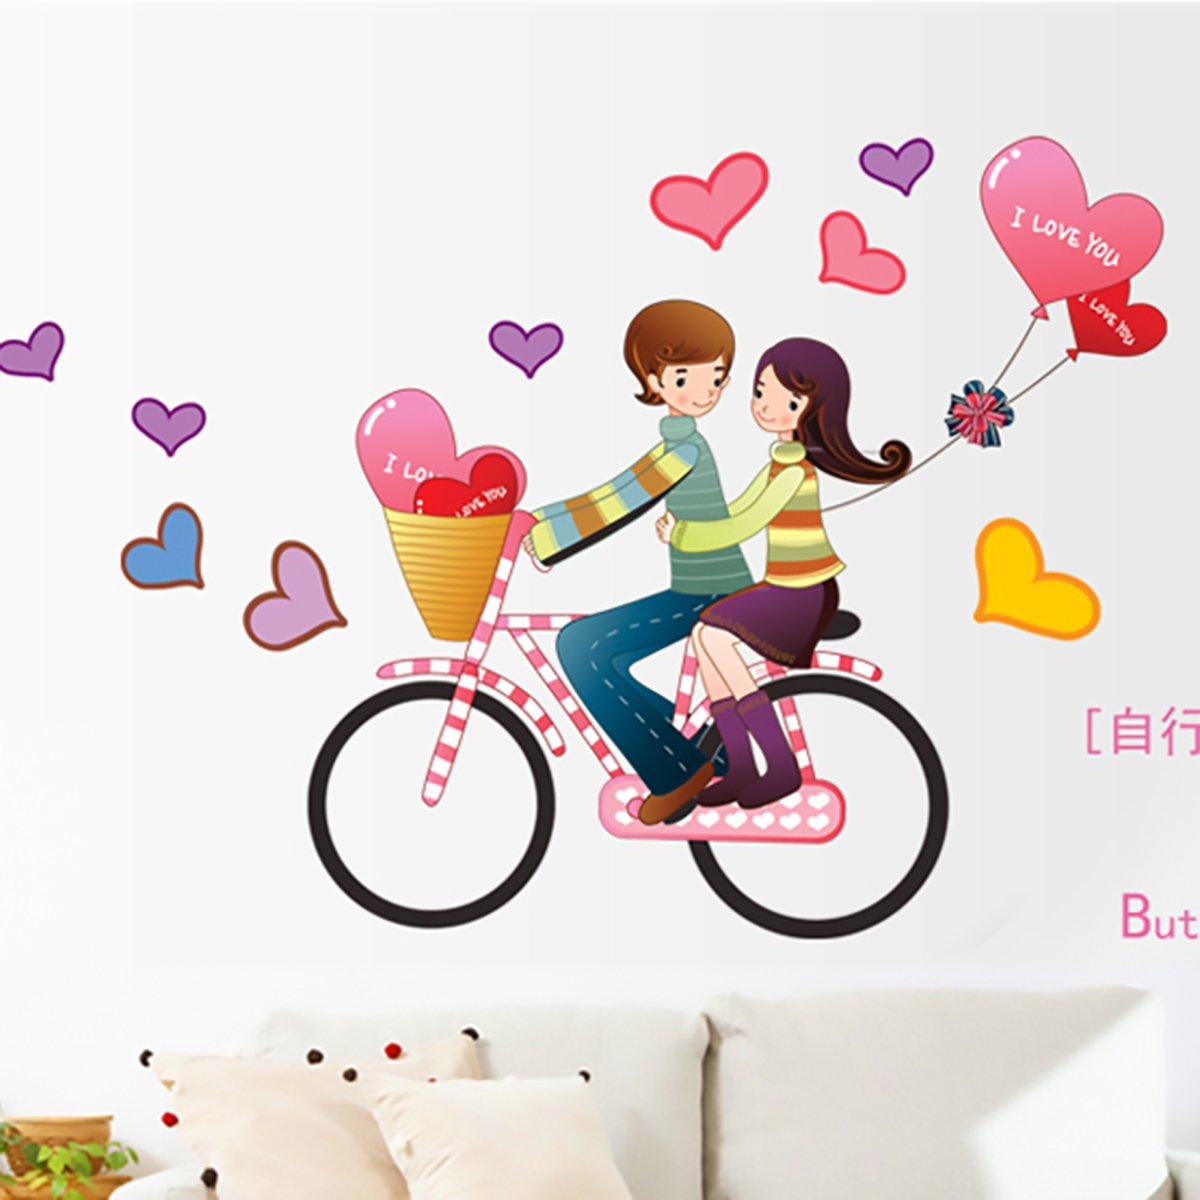 情人节 情侣骑自行车的情侣矢量插画-卡通手绘-素材库-情侣自行车漫画图片